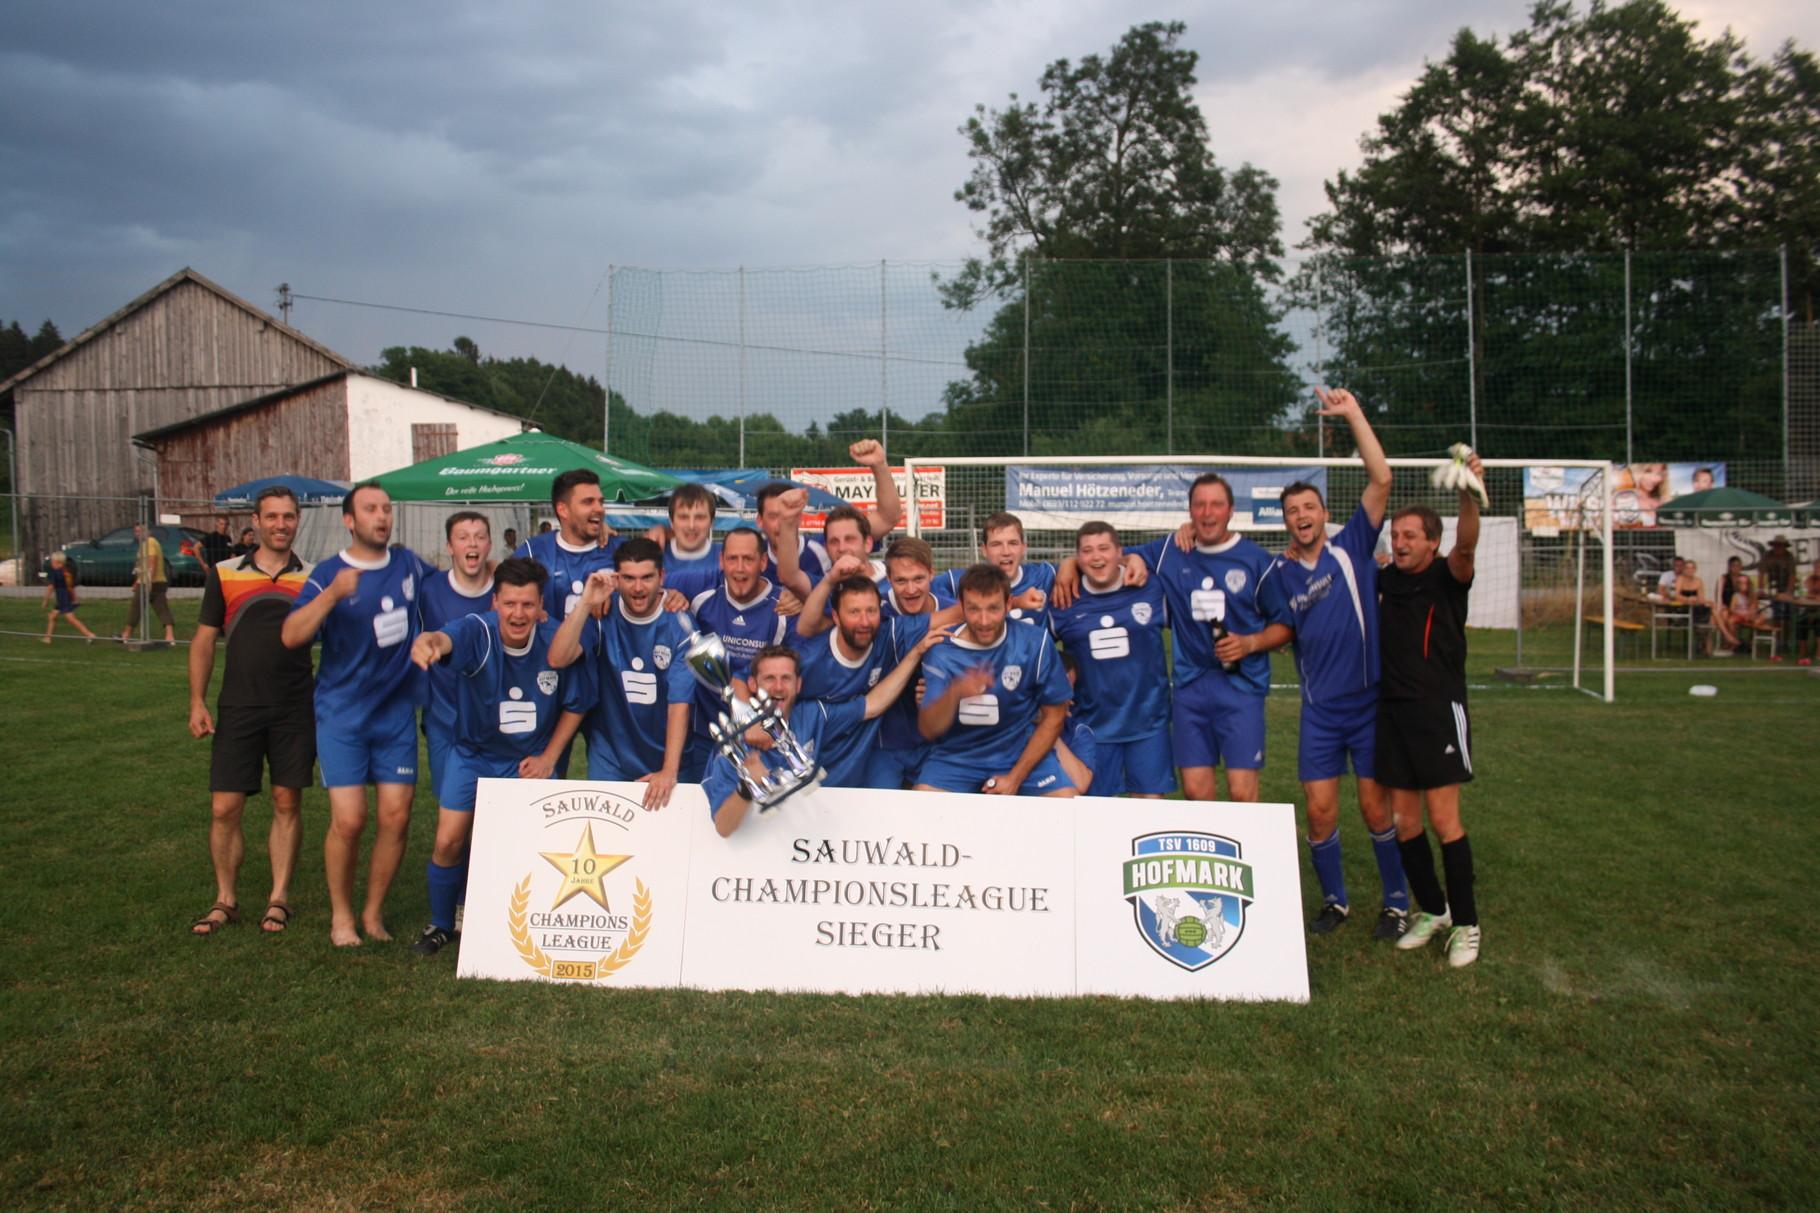 Champion 2015 - TSV 1609 Hofmark